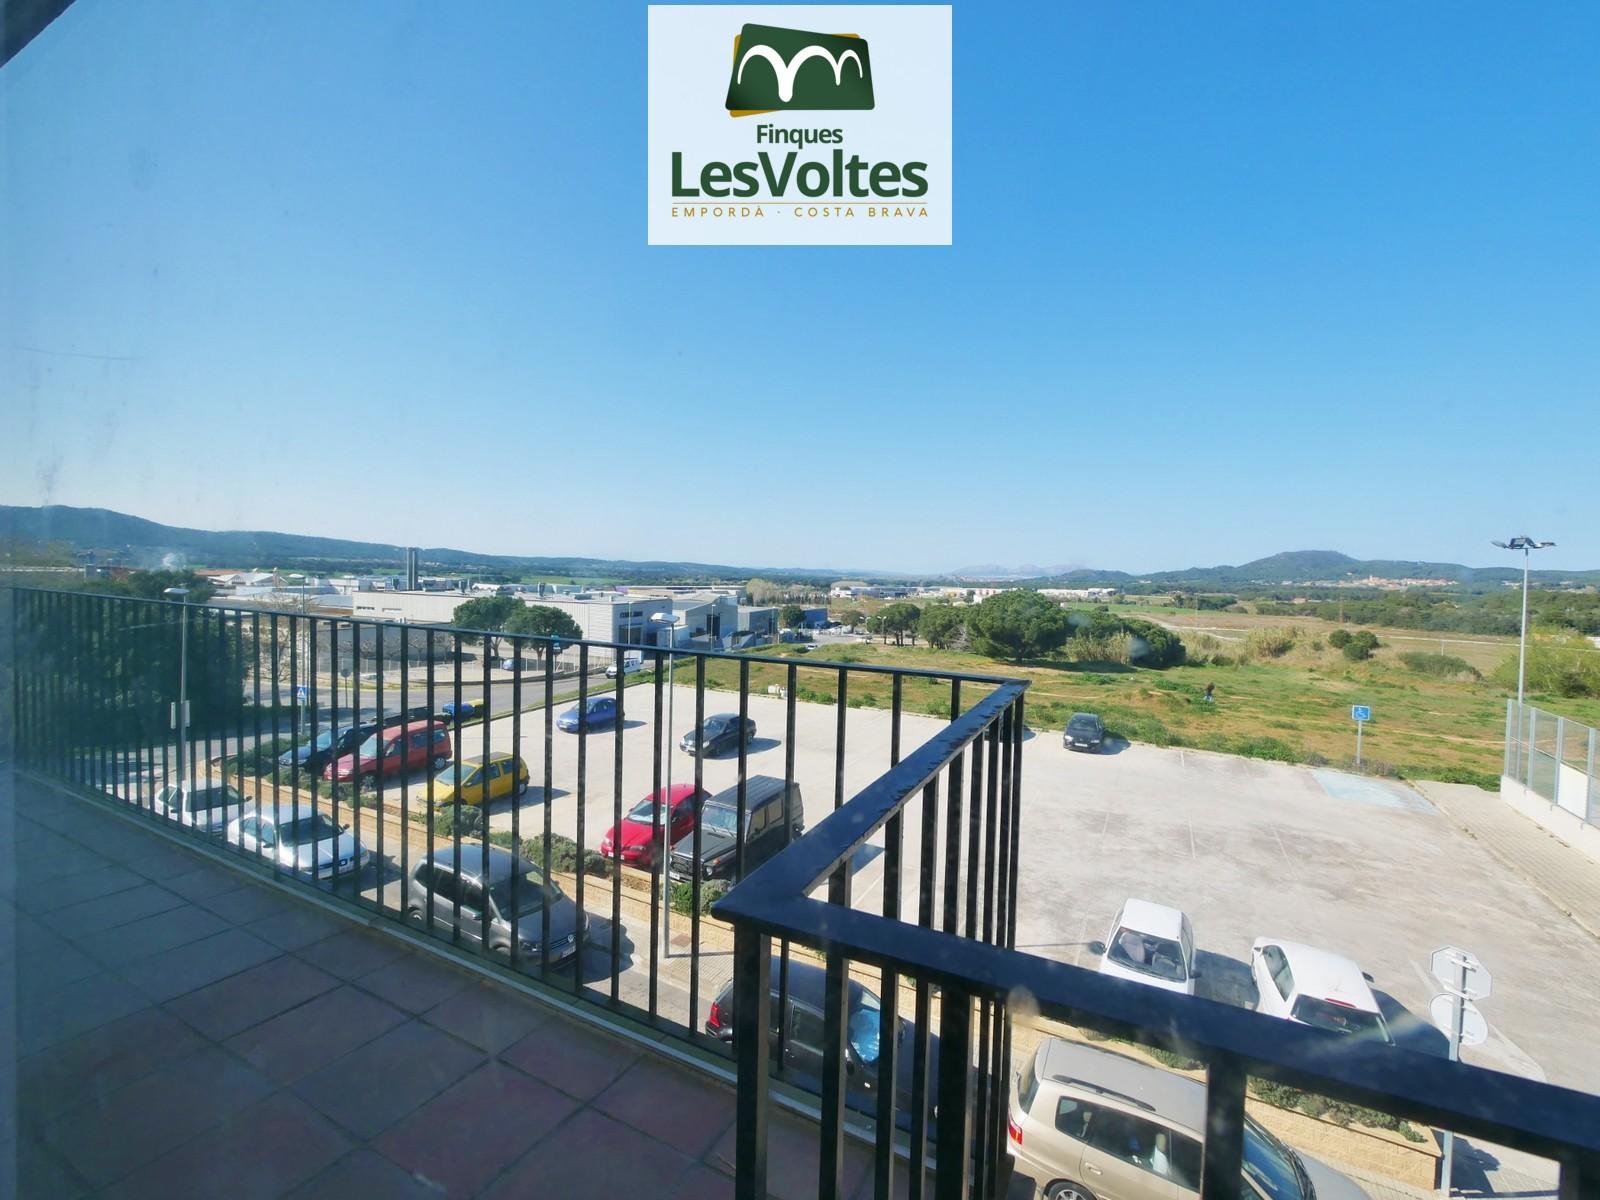 Pis amb terrassa en venda a Palafrugell. Magnífiques vistes amb zona verda als voltants.